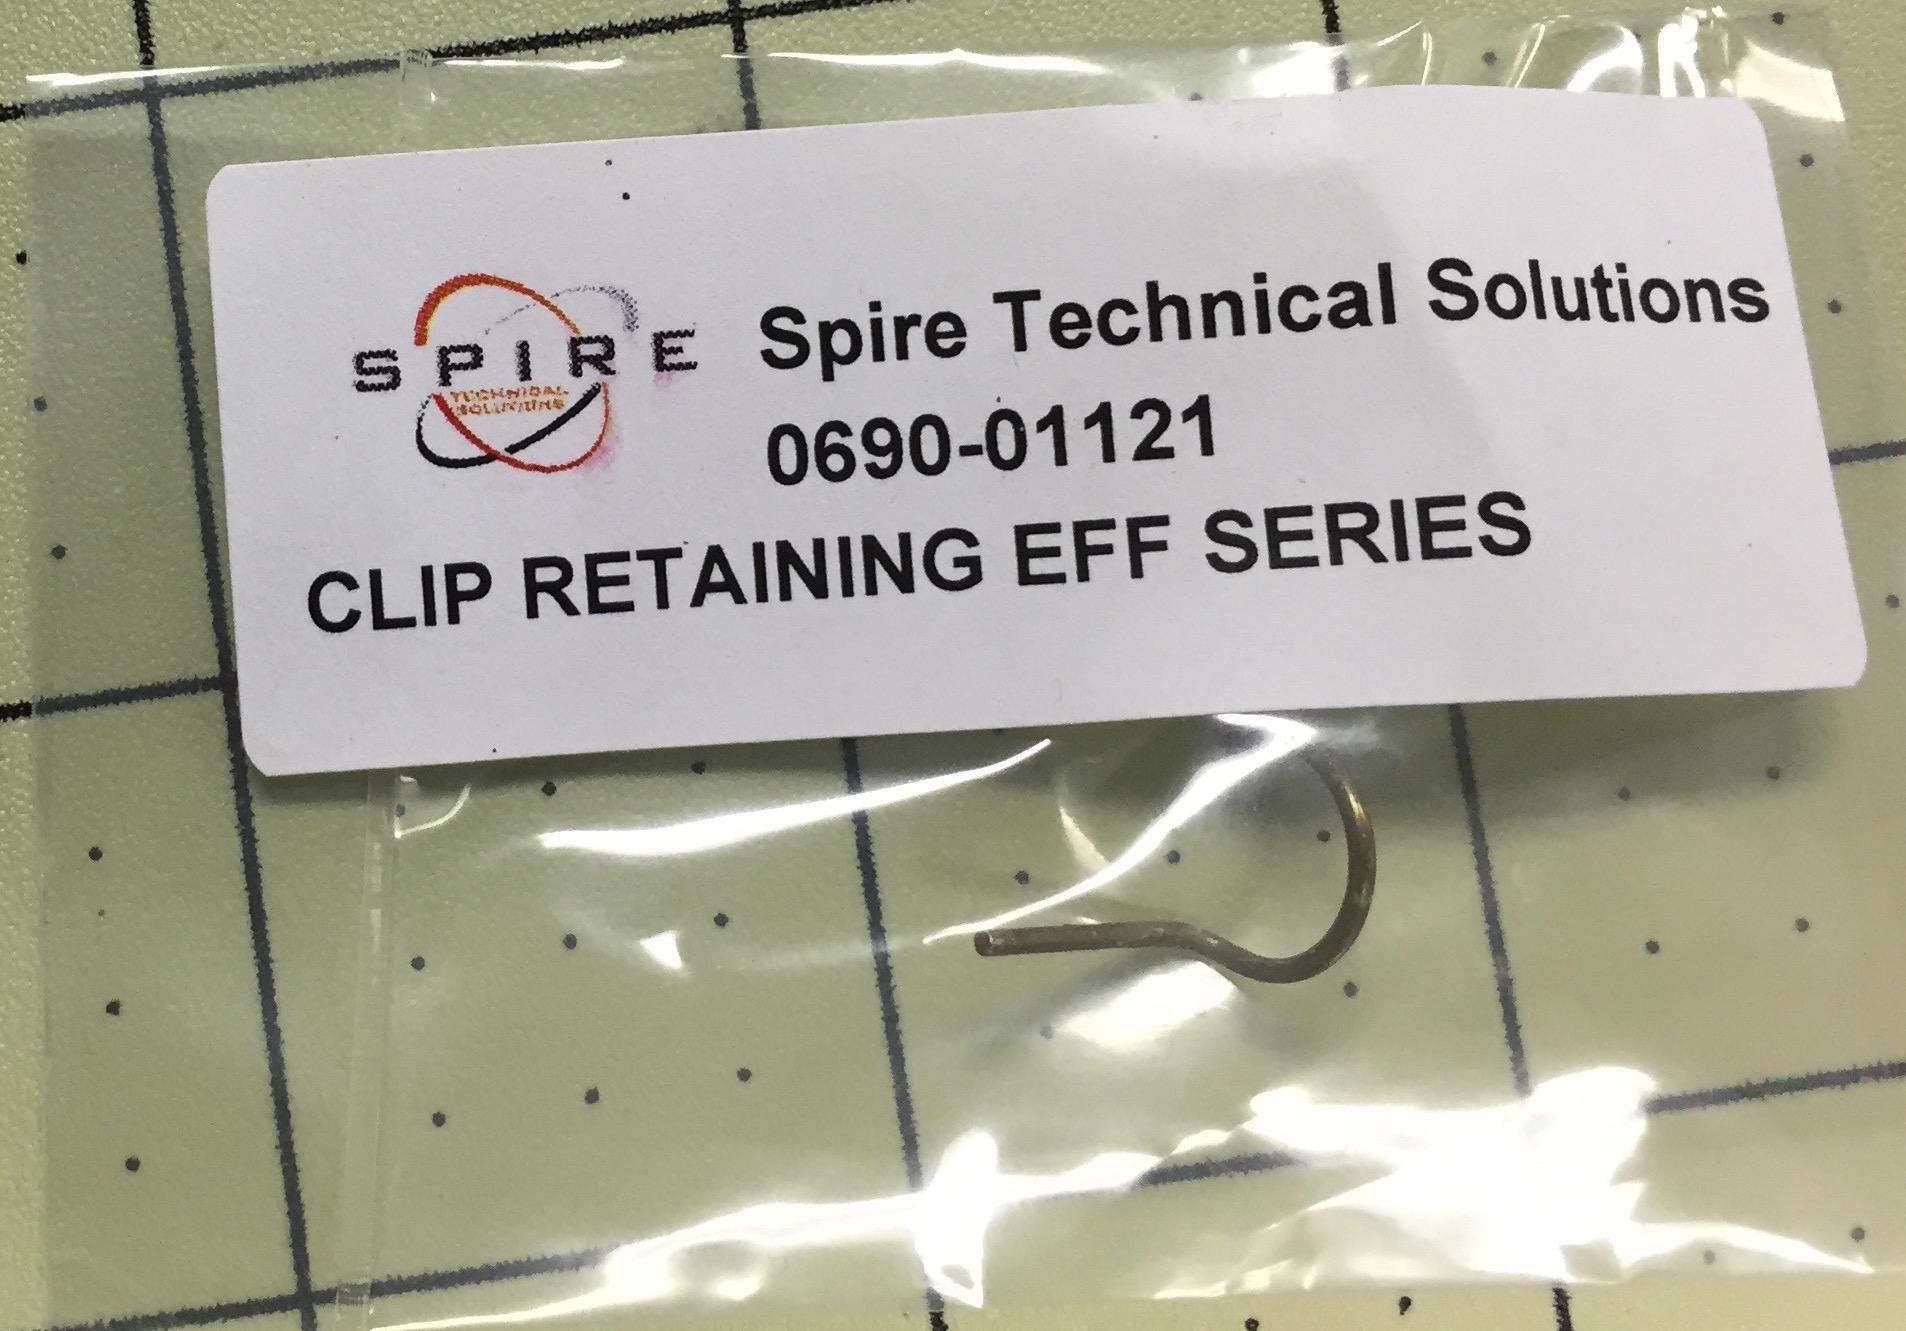 Clip retaining EFF series